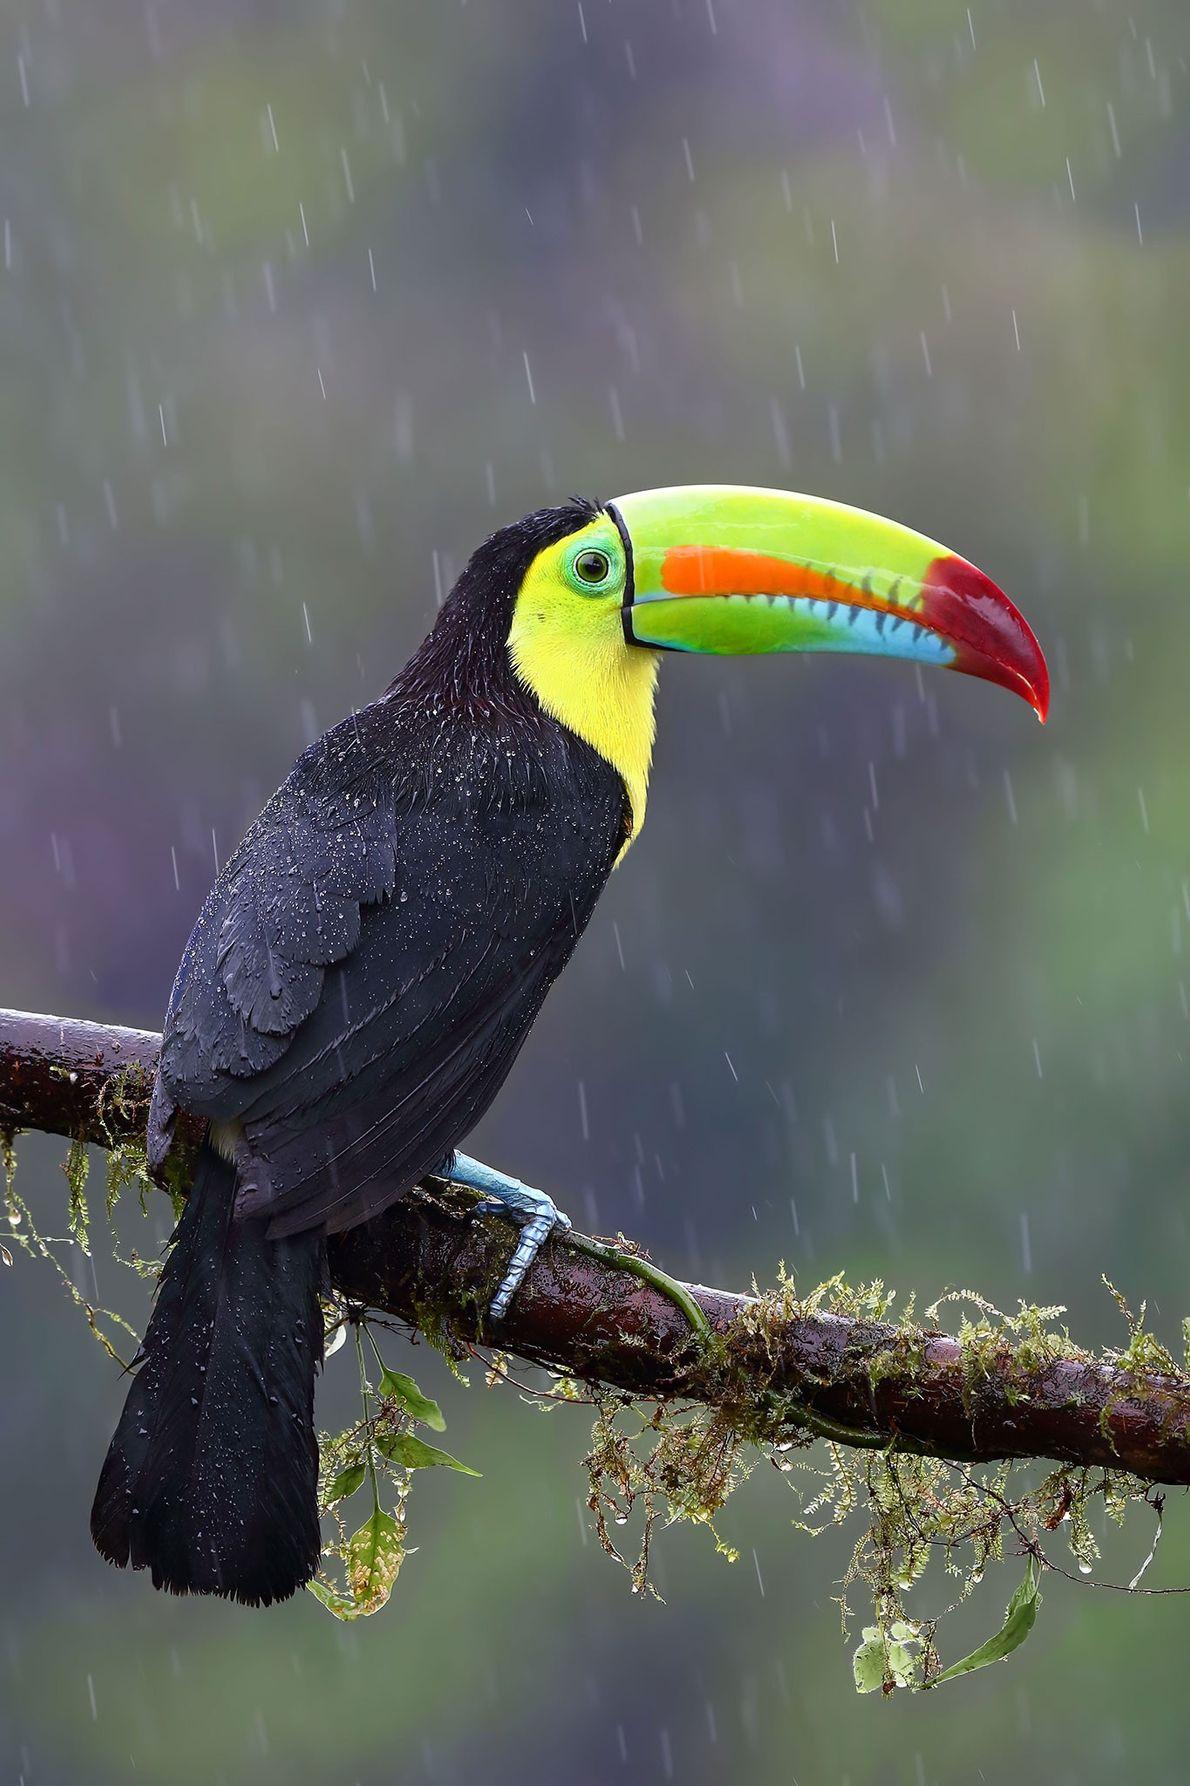 Tucano-bico-de-arco-íris. Costa Rica.